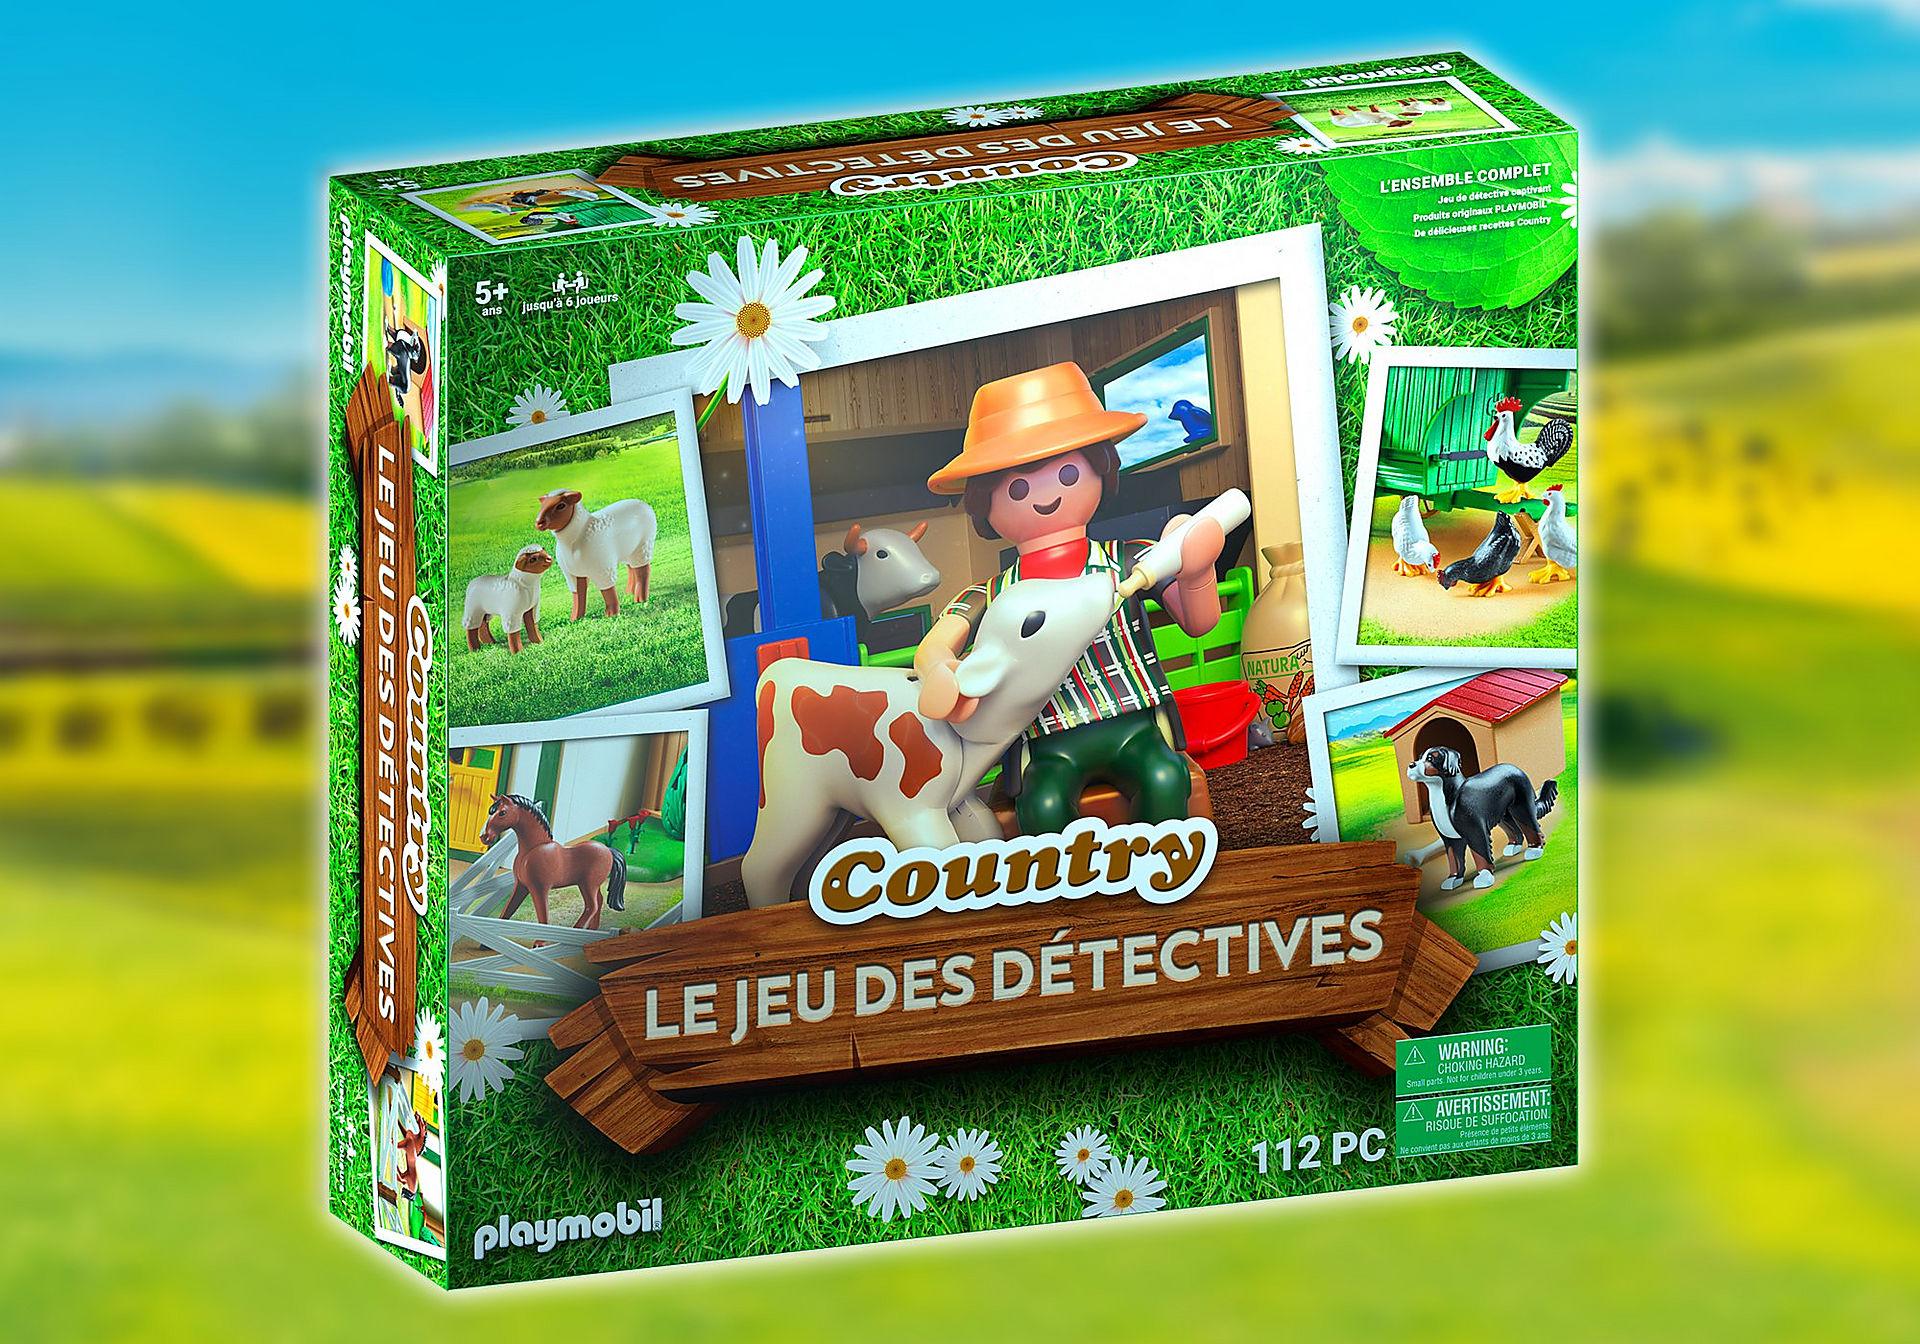 70852 Box PLAYMOBIL®: Le jeu de détective COUNTRY zoom image1